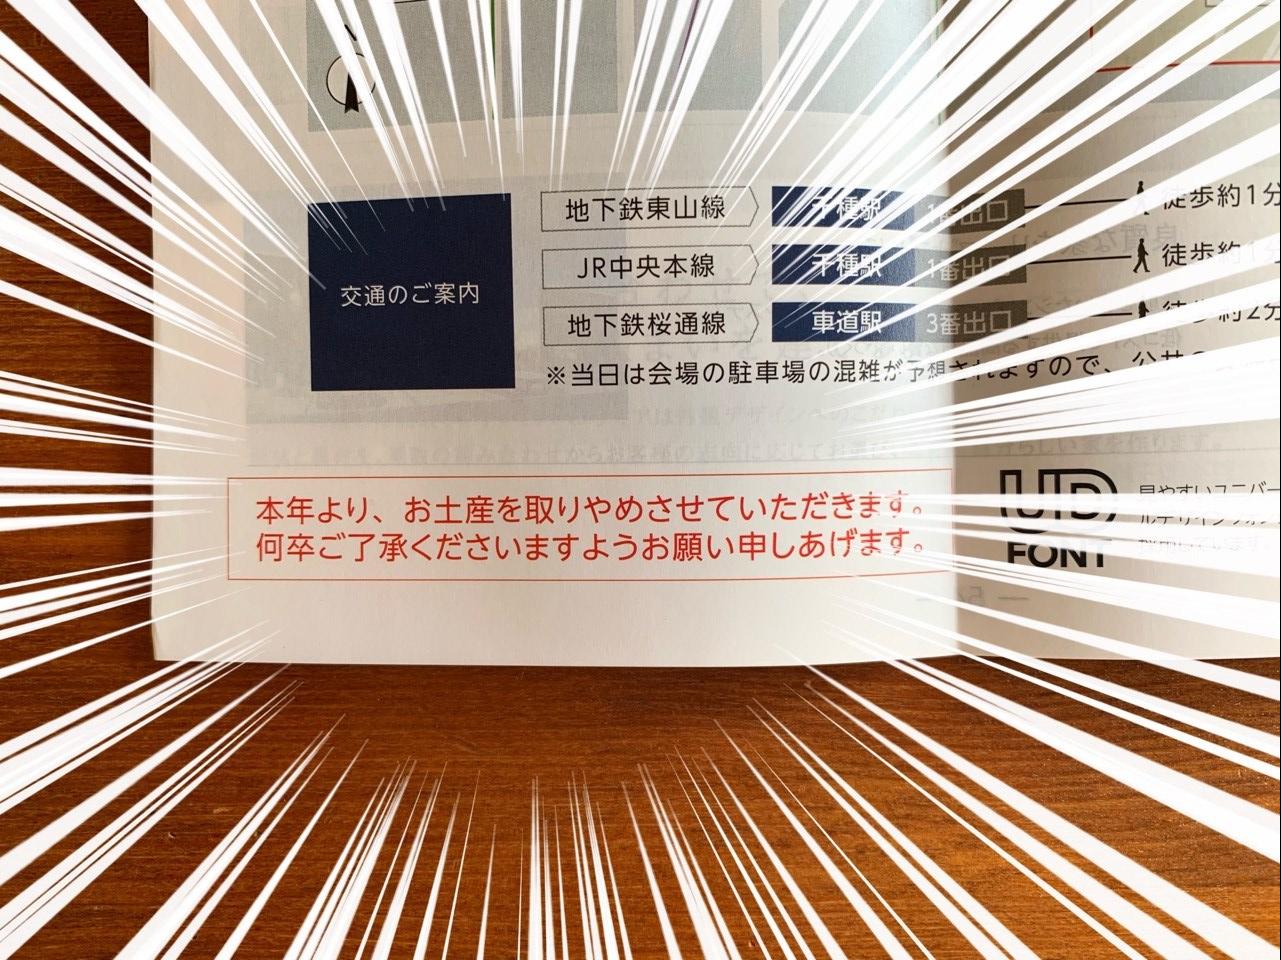 サンヨーハウジング名古屋の株主総会のお土産廃止宣言